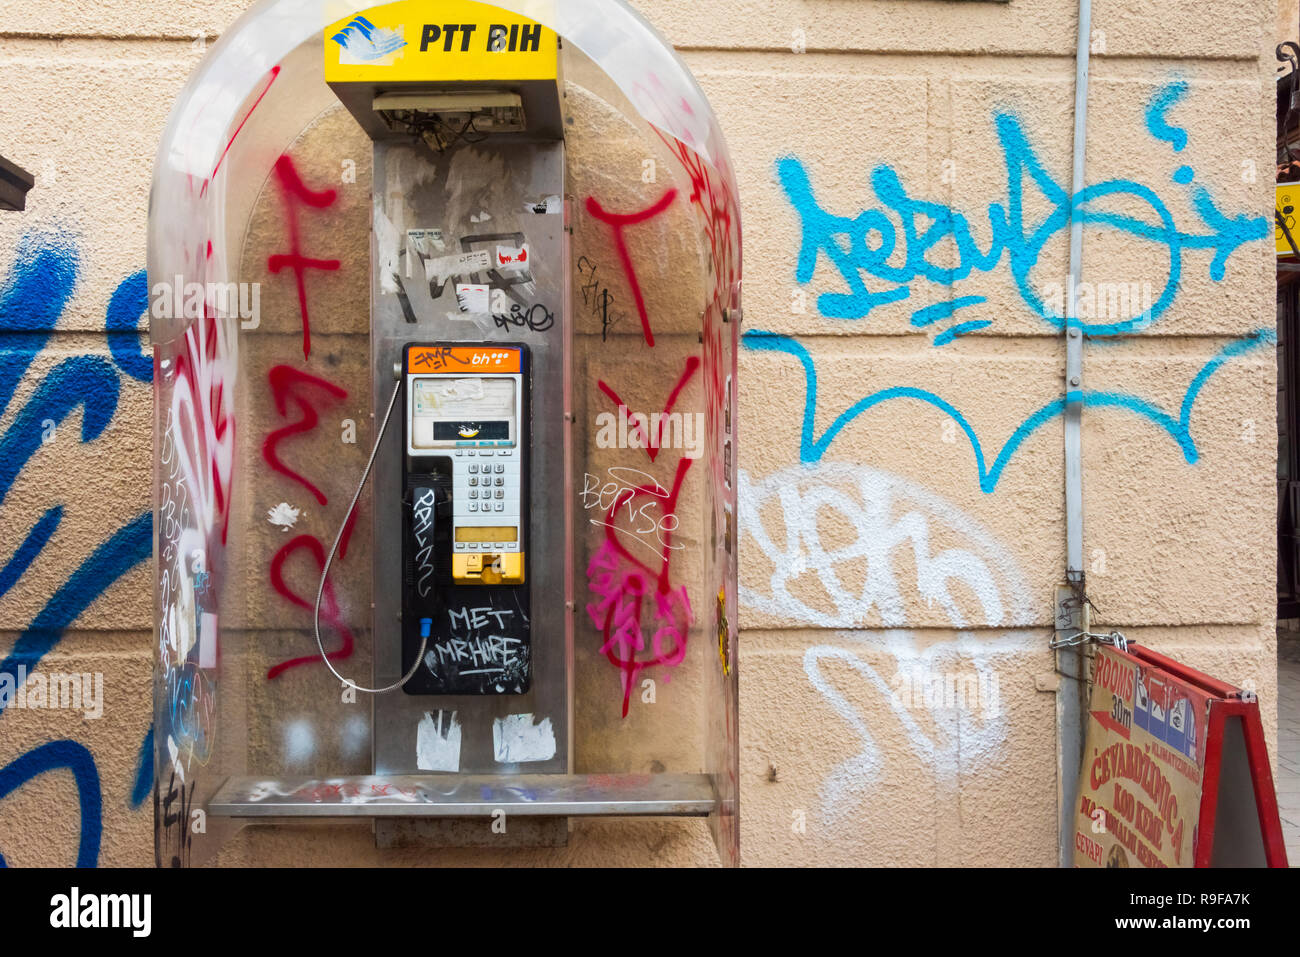 Old public telephone, Sarajevo, Bosnia and Herzegovina - Stock Image